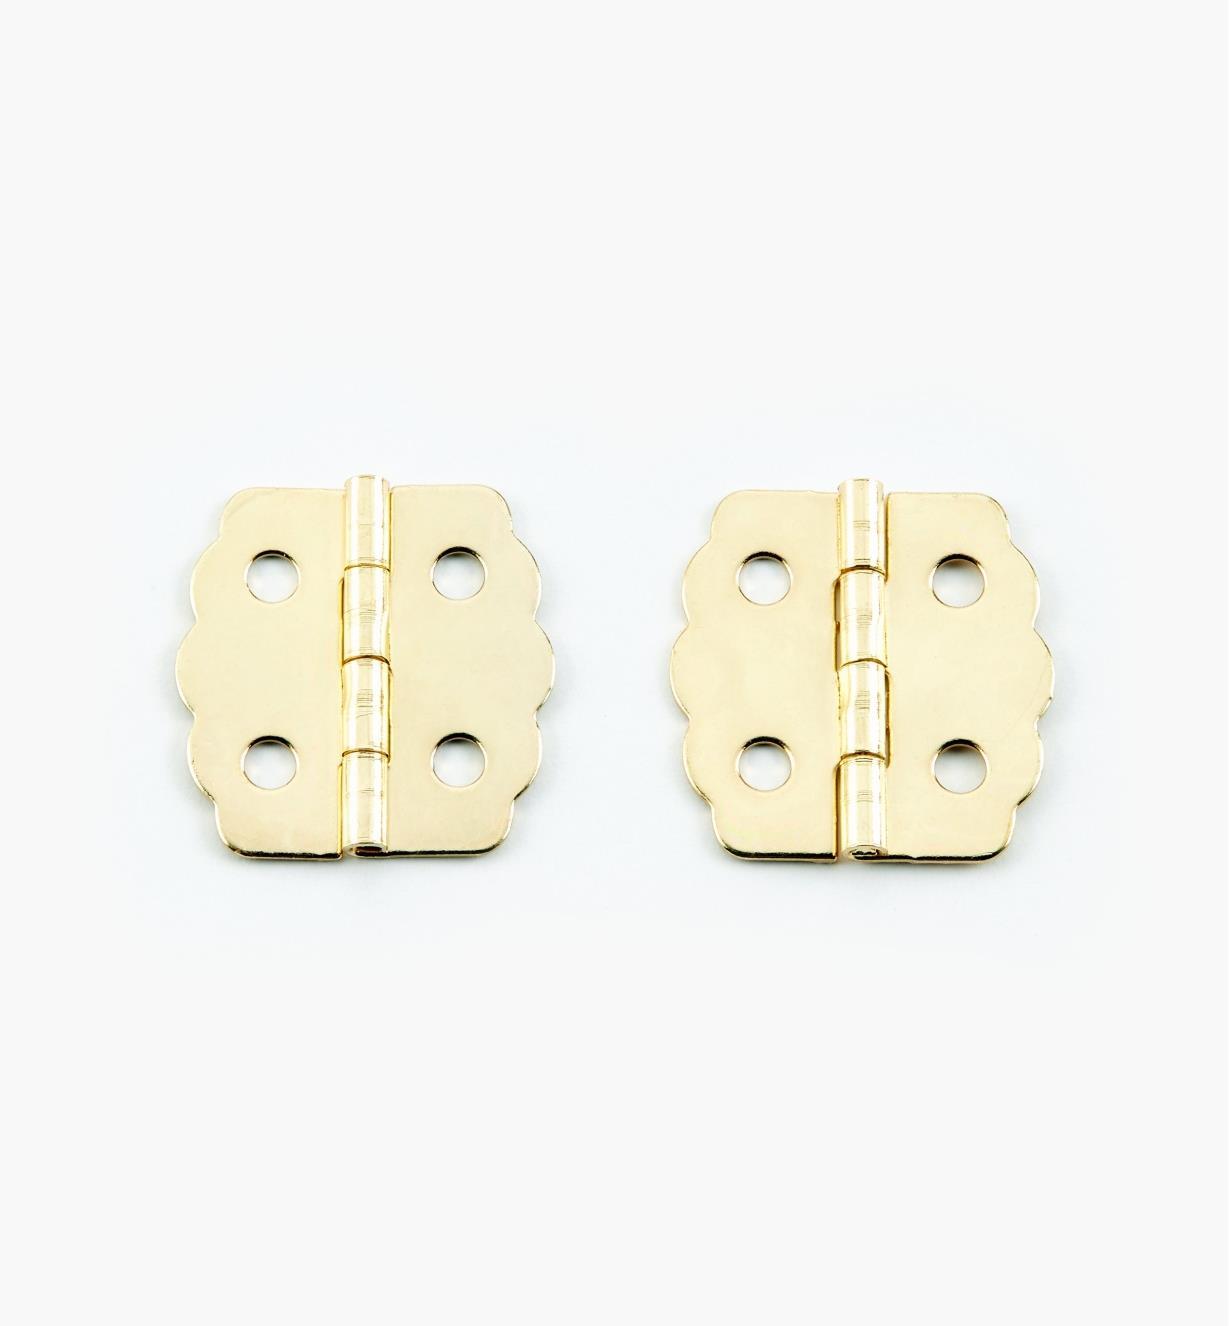 00D8030 - Petites charnières décoratives, 23 mm x 22 mm, lapaire